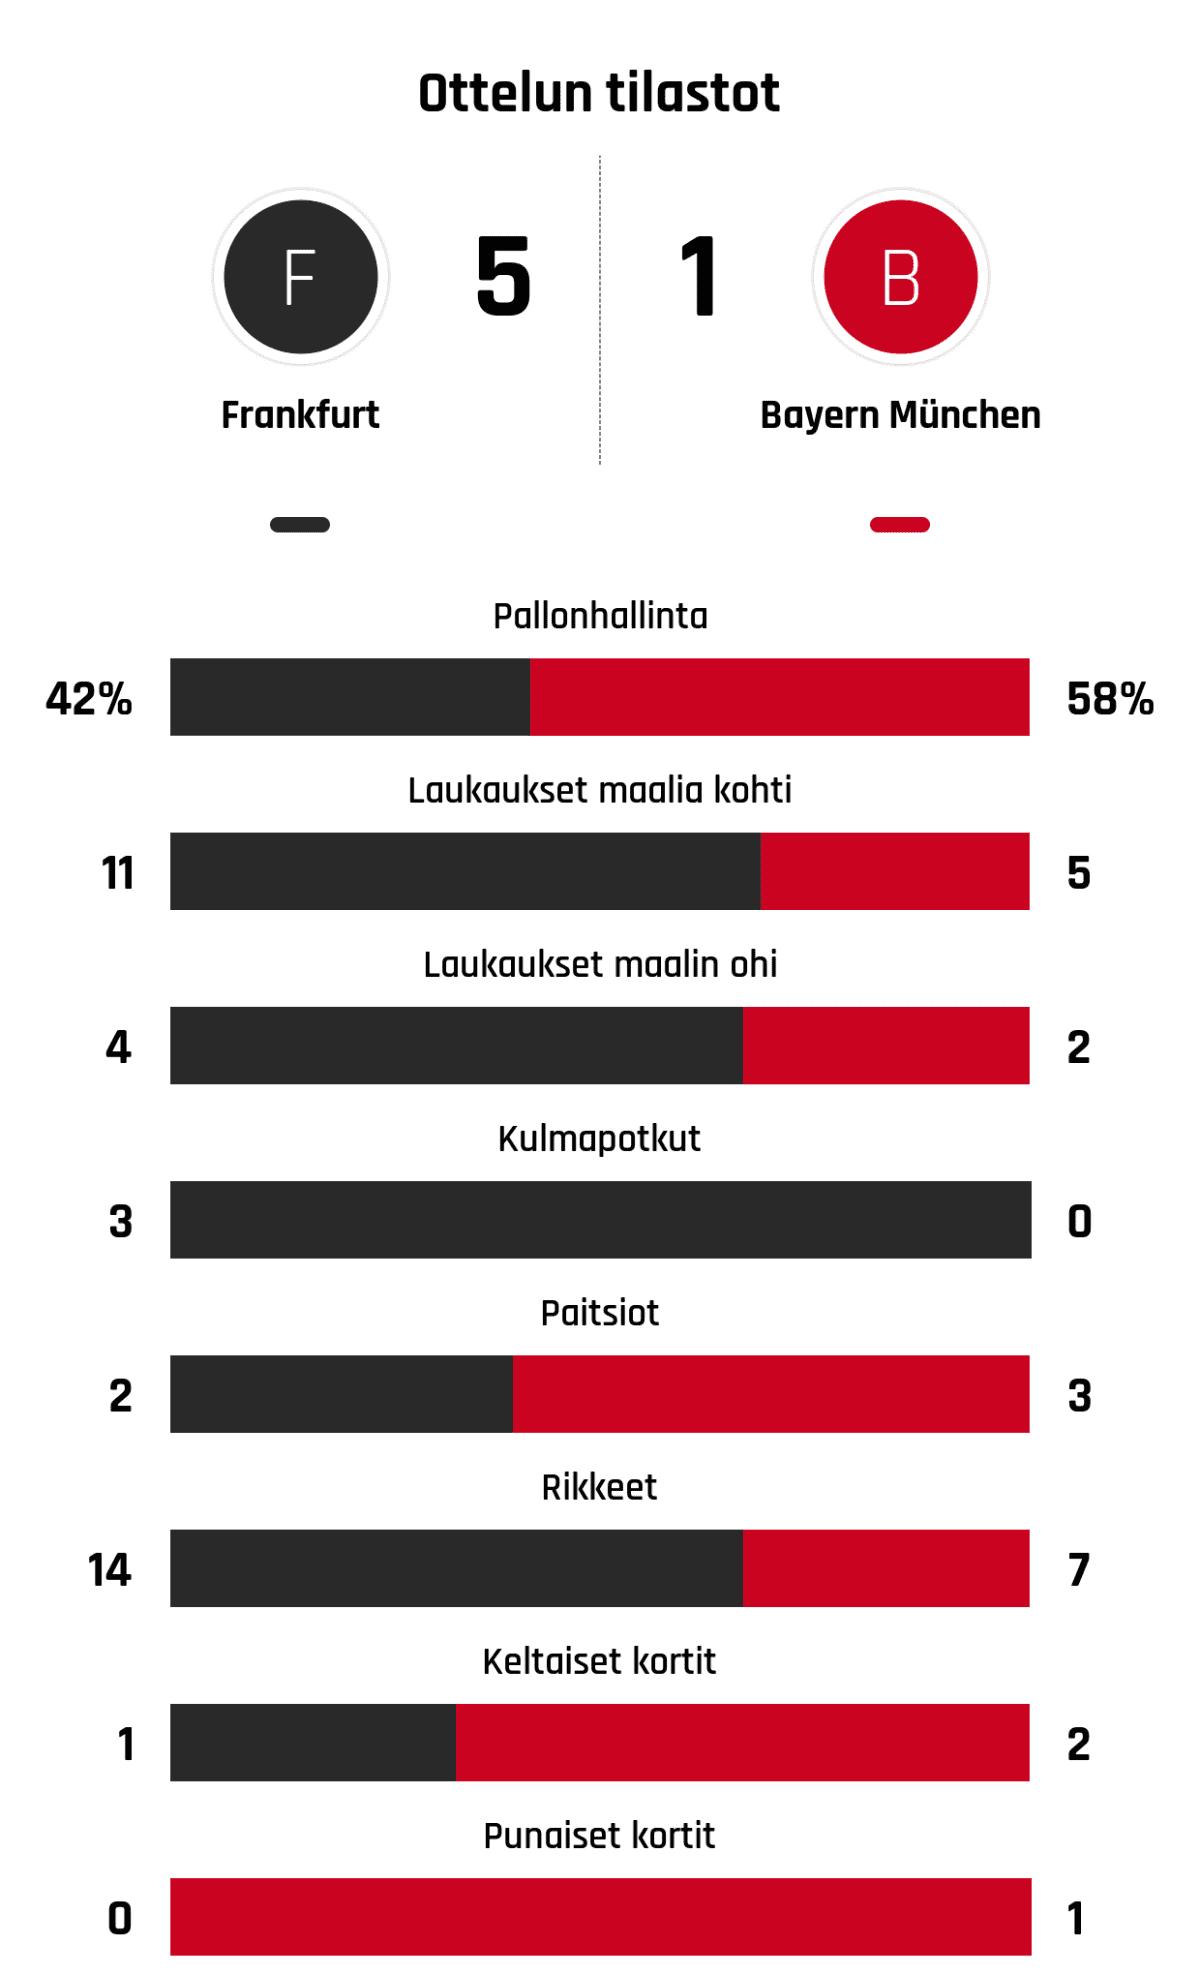 Pallonhallinta 42%-58% Laukaukset maalia kohti 11-5 Laukaukset maalin ohi 4-2 Kulmapotkut 3-0 Paitsiot 2-3 Rikkeet 14-7 Keltaiset kortit 1-2 Punaiset kortit 0-1